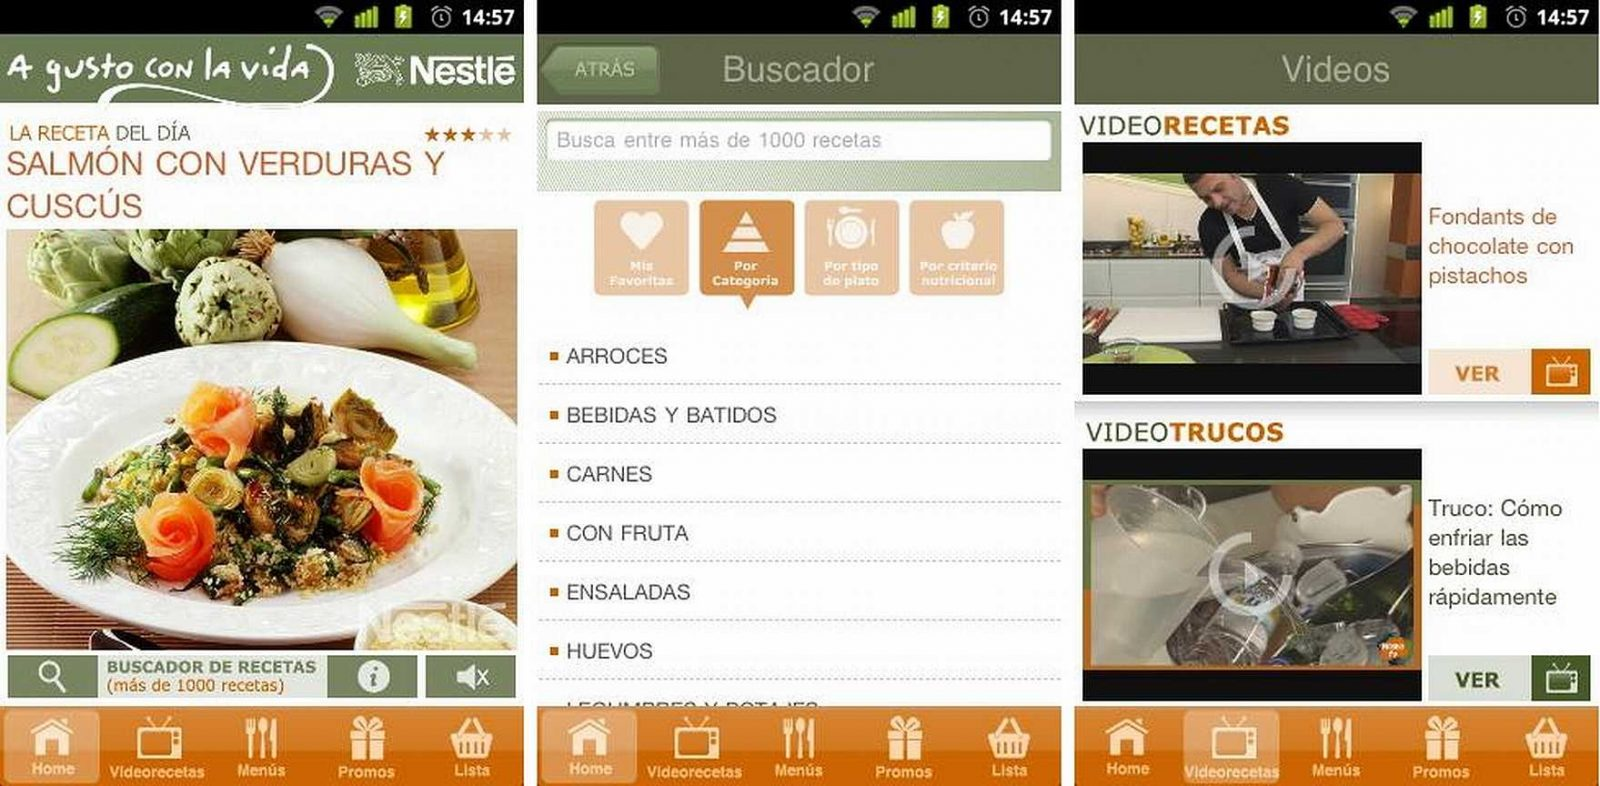 las 6 mejores aplicaciones android de recetas de cocina